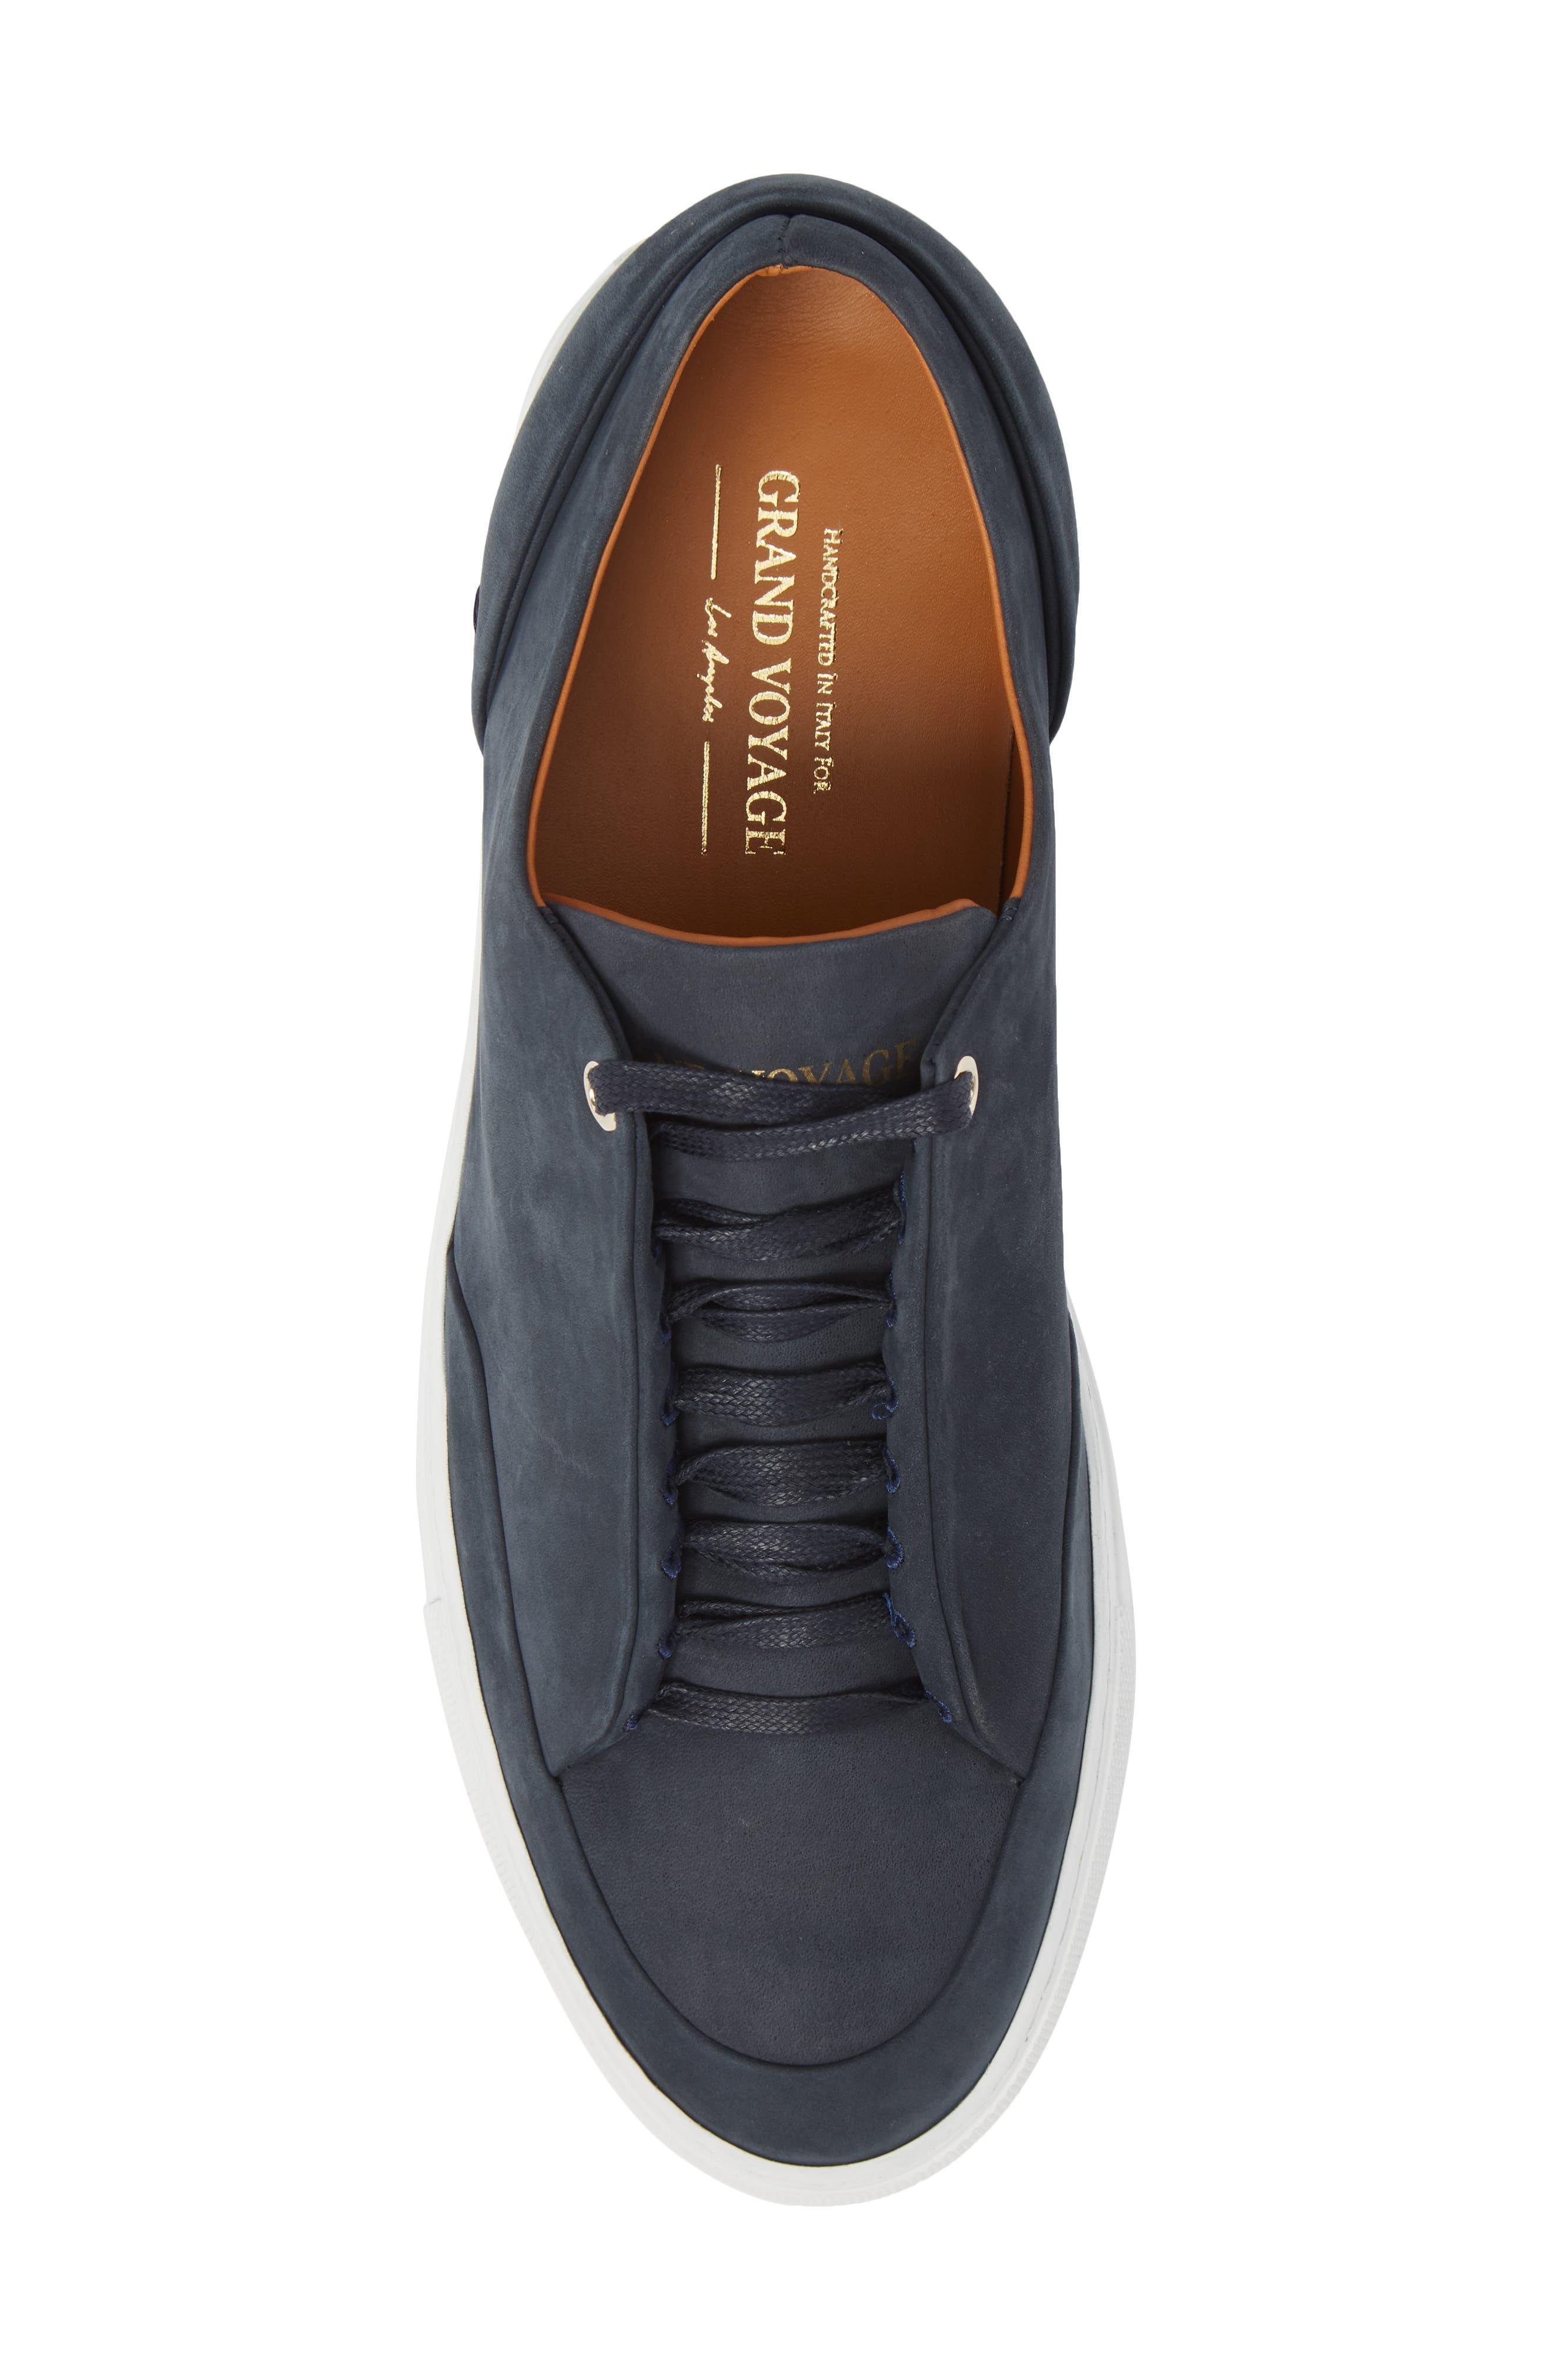 Avedon Sneaker,                             Alternate thumbnail 5, color,                             Navy Nubuck Leather